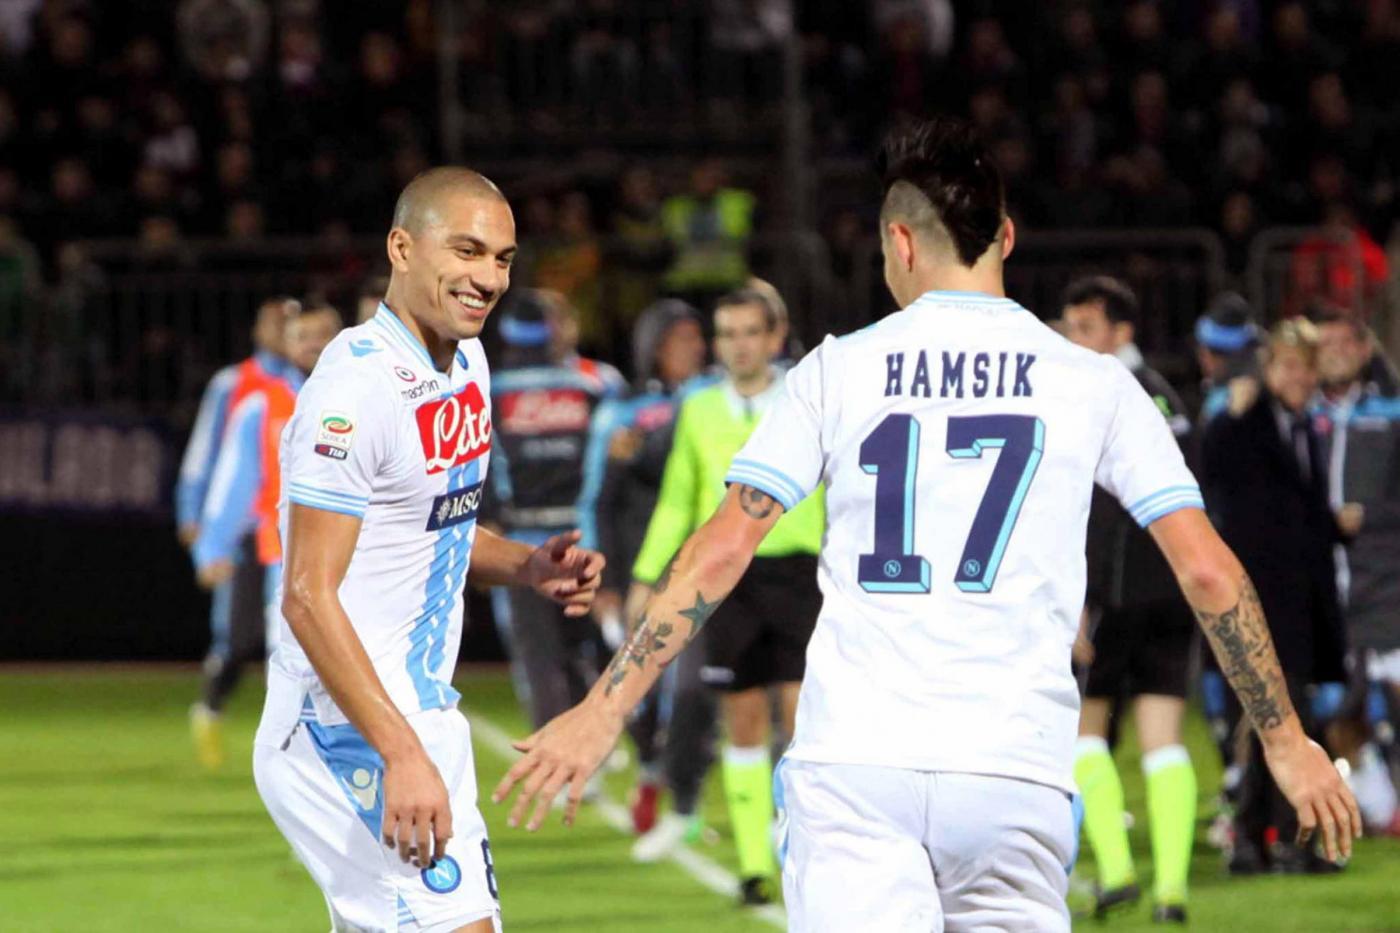 Amarcord Cagliari-Napoli: dal tradimento di Fonseca fino al derby di oggi (per i rossoblù)